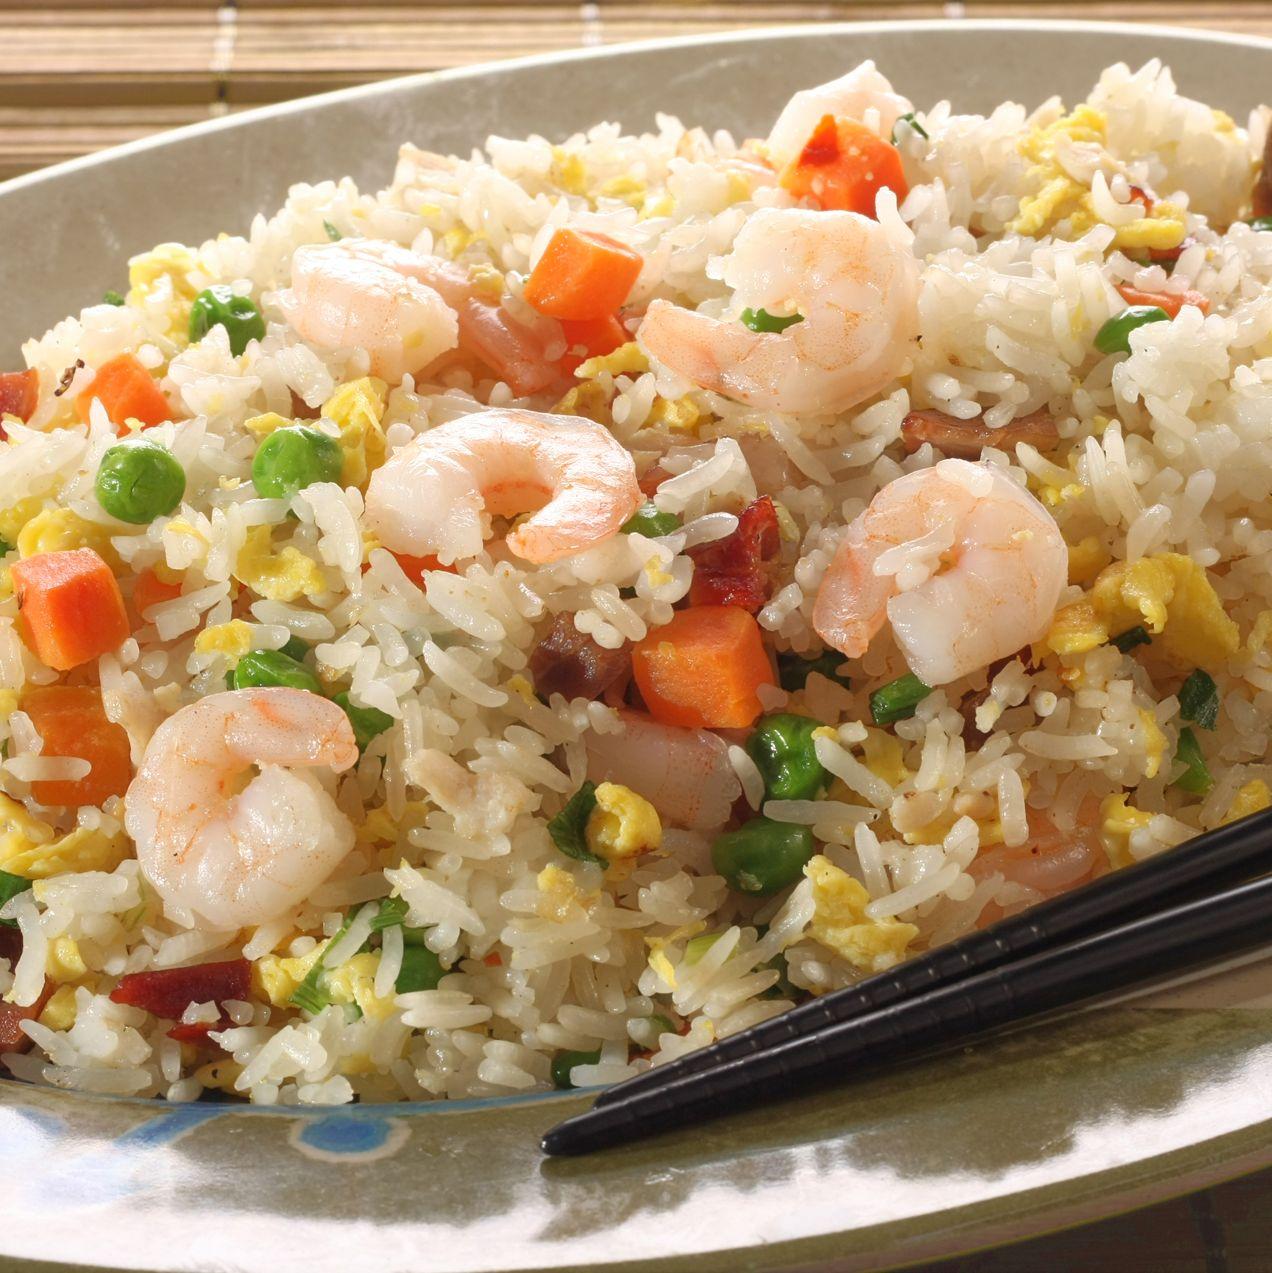 Banco de im genes 9 fotograf as de comida china chinese - Fotos de comodas ...